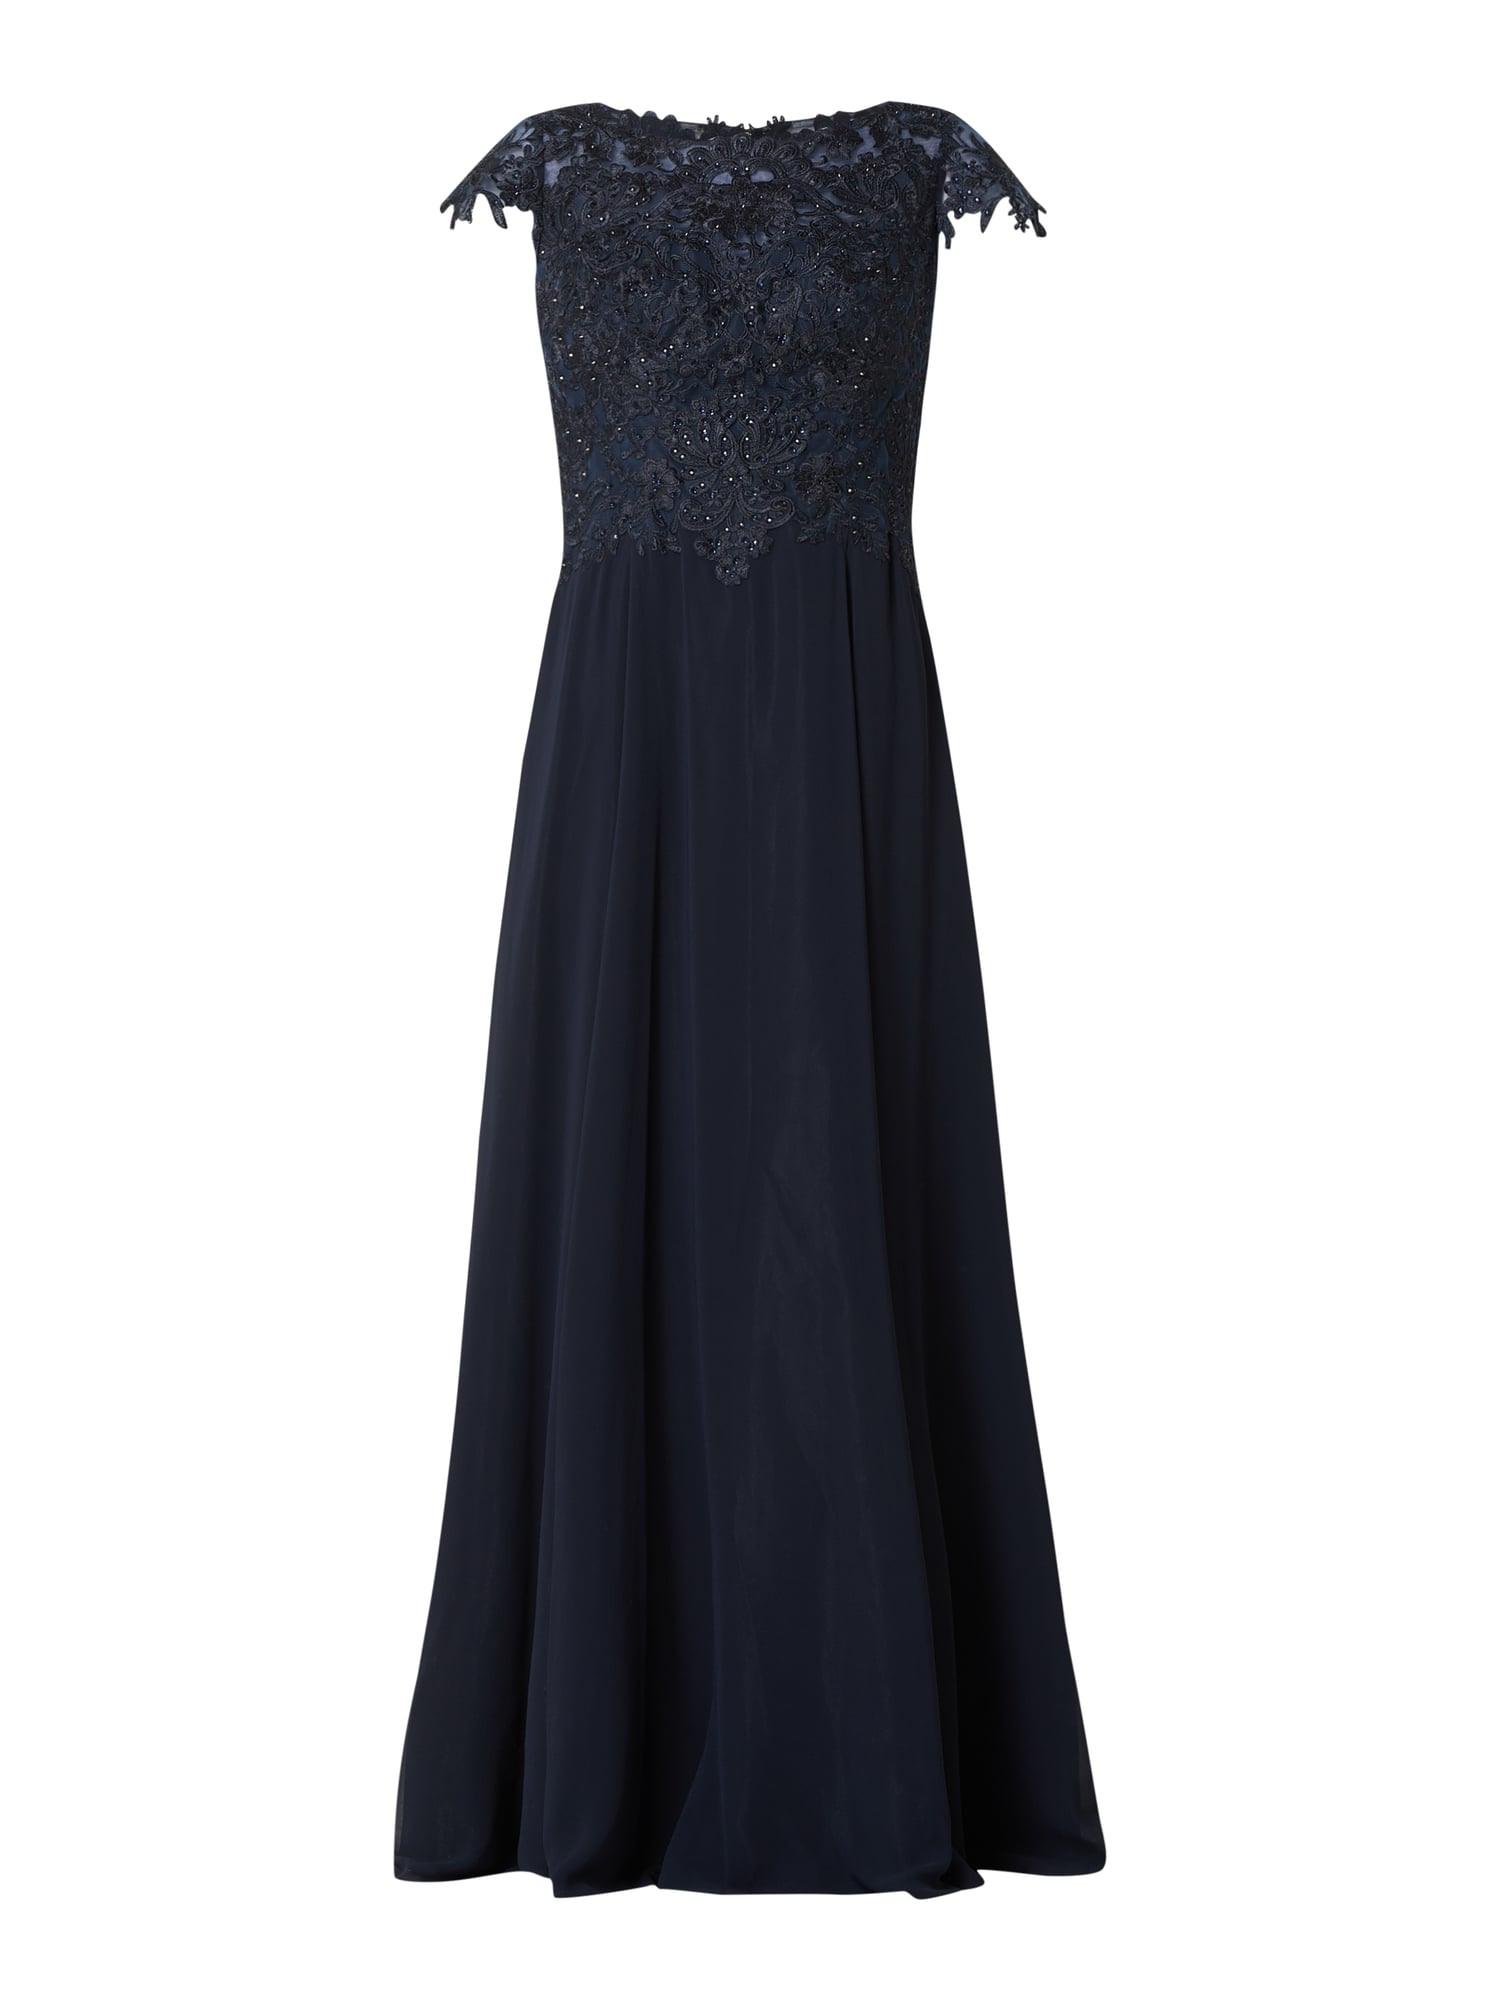 15 Leicht Vera Mont Abendkleid Blau Ärmel17 Großartig Vera Mont Abendkleid Blau Vertrieb